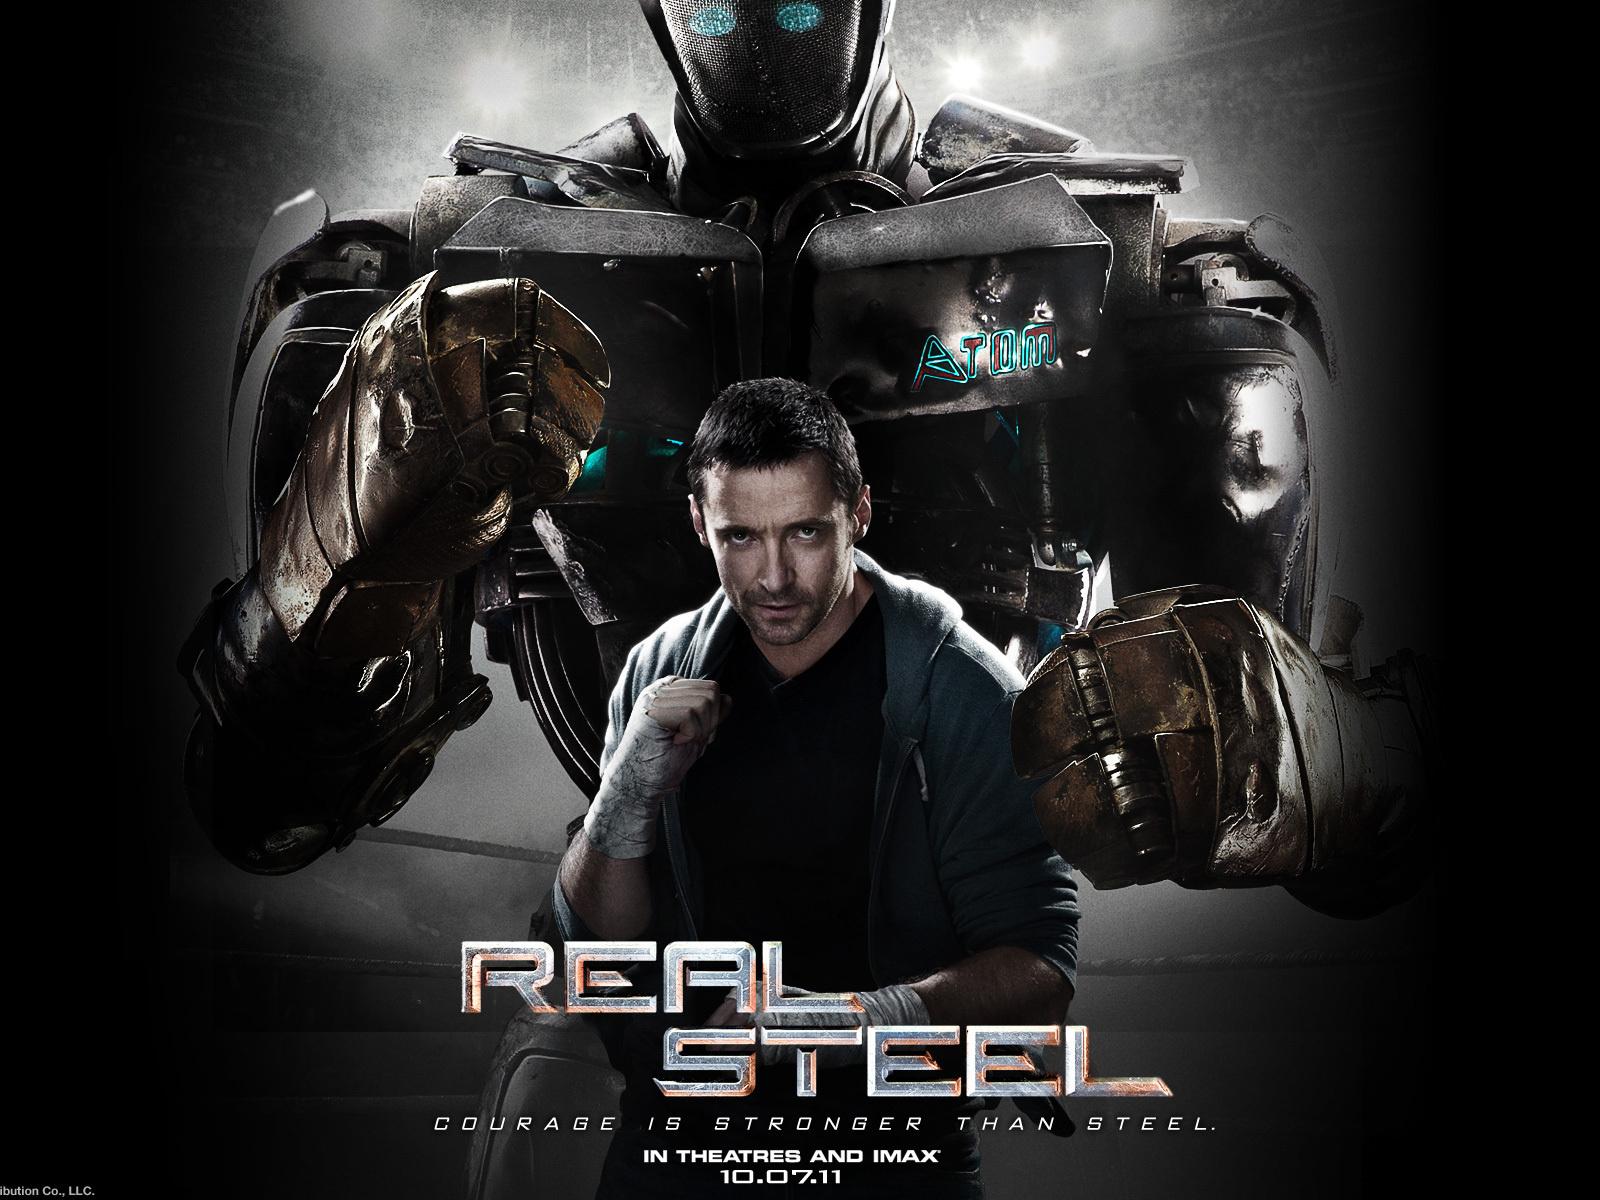 живая сталь, хью джекман, Real steel